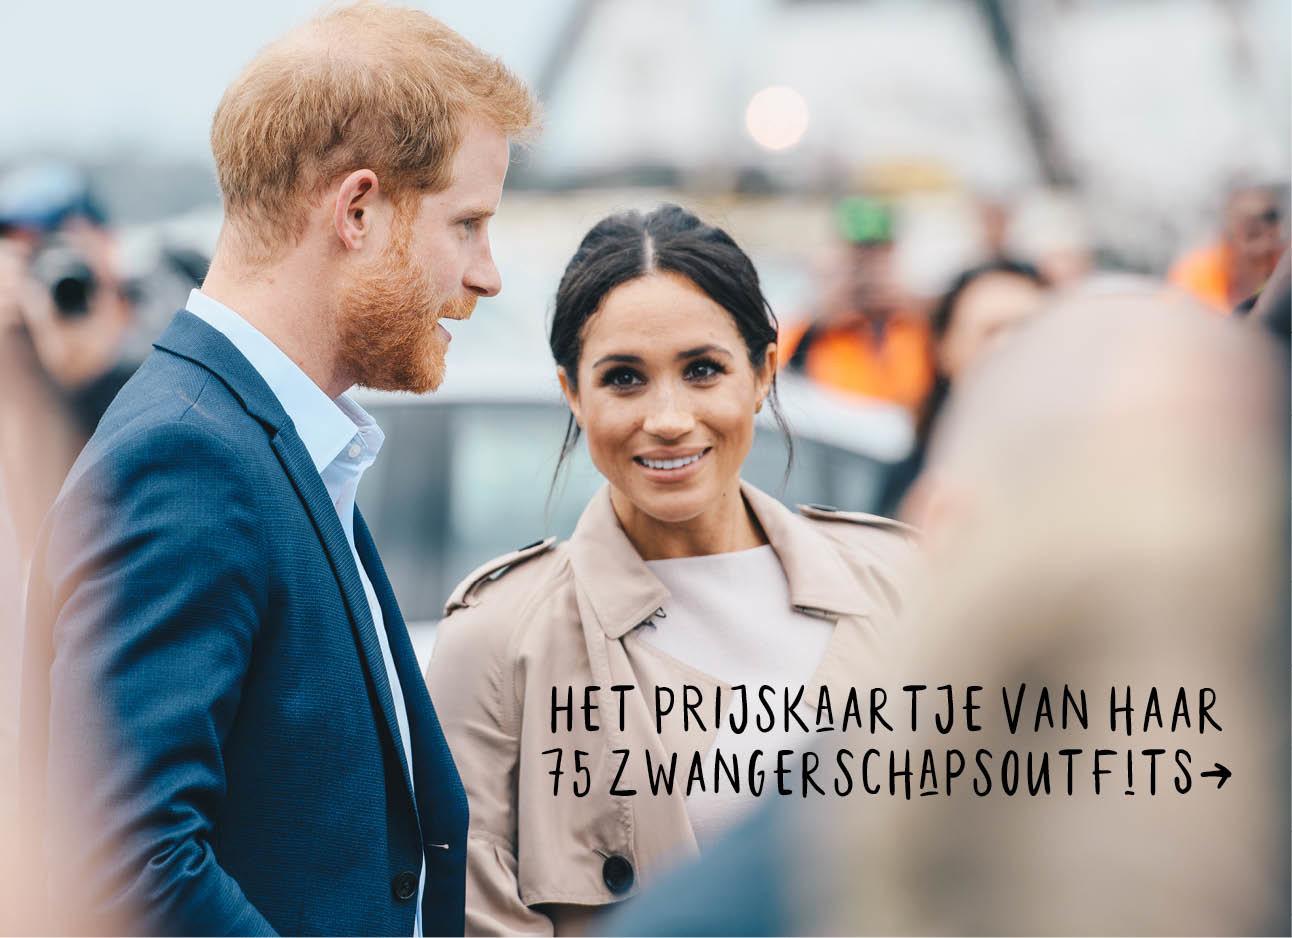 Meghan markle en prins harry, camel coat met beige jurk, donkerblauwpak met lichtblauw overhemd, het prijskaartje